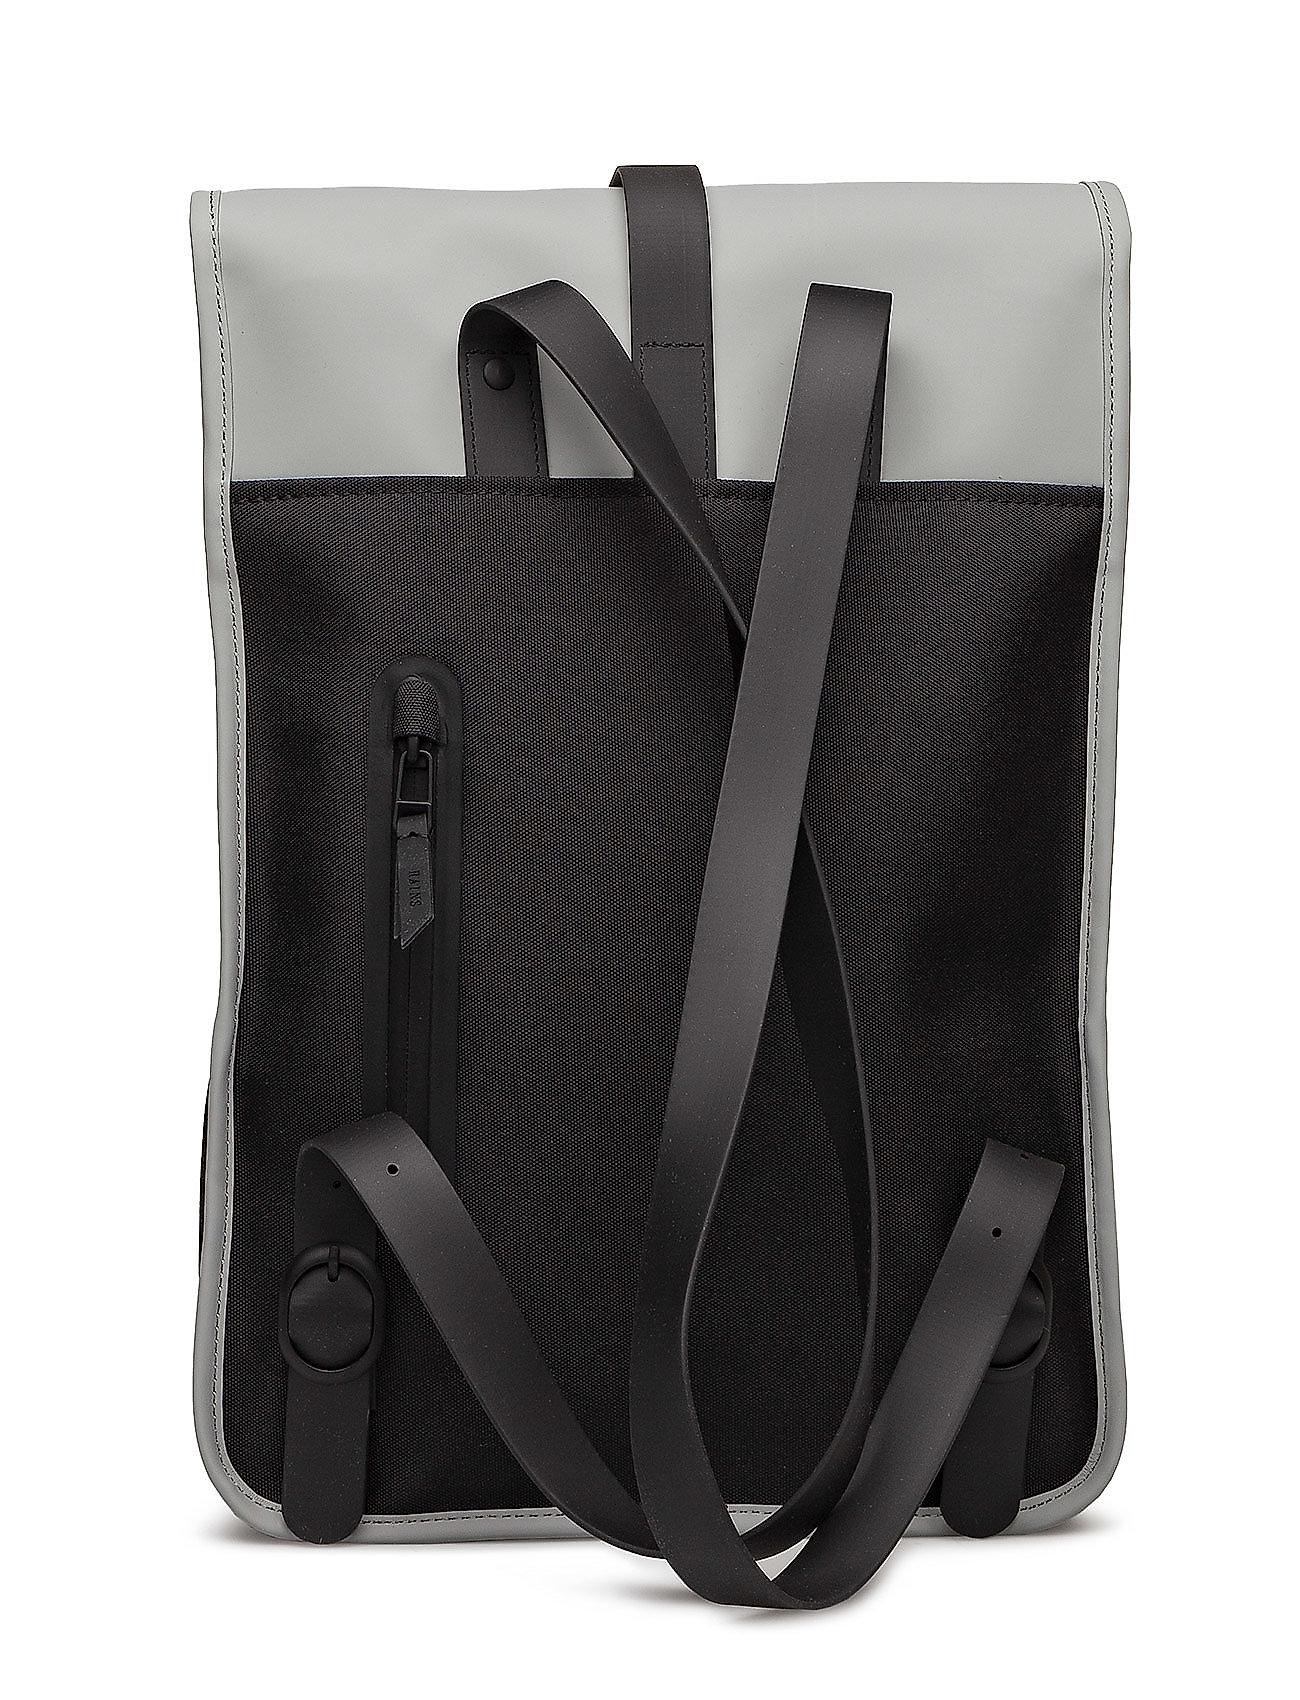 Backpack MiniRains MiniRains Backpack Backpack Backpack Backpack MiniRains MiniRains wk8Xn0OP